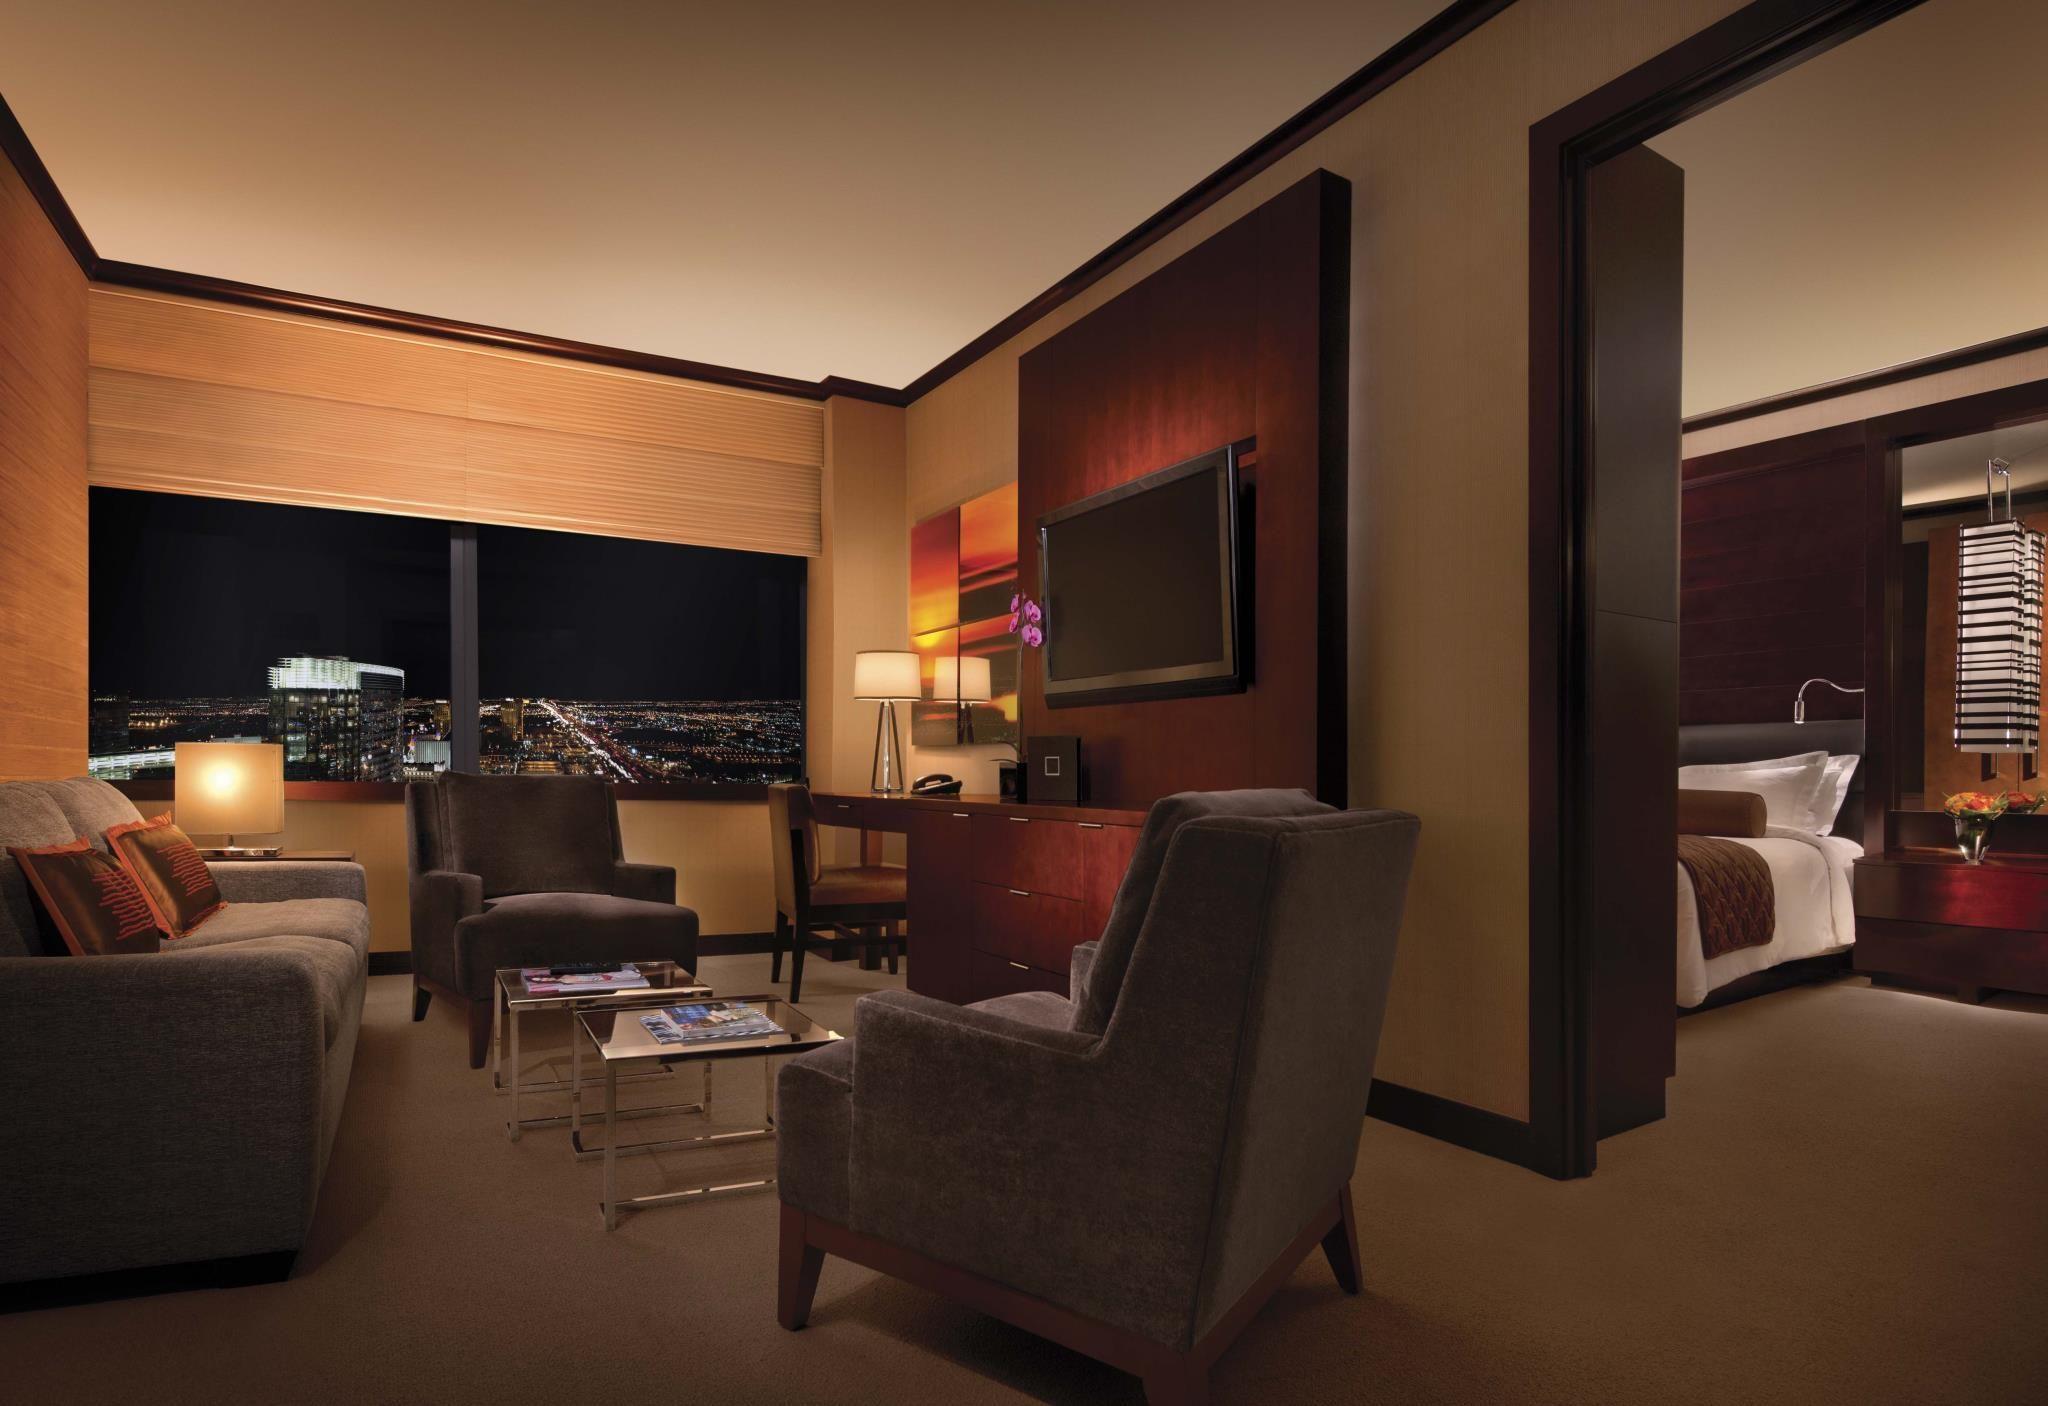 Vdara Hotel & Spa at Citycenter Las Vegas Las Vegas (NV